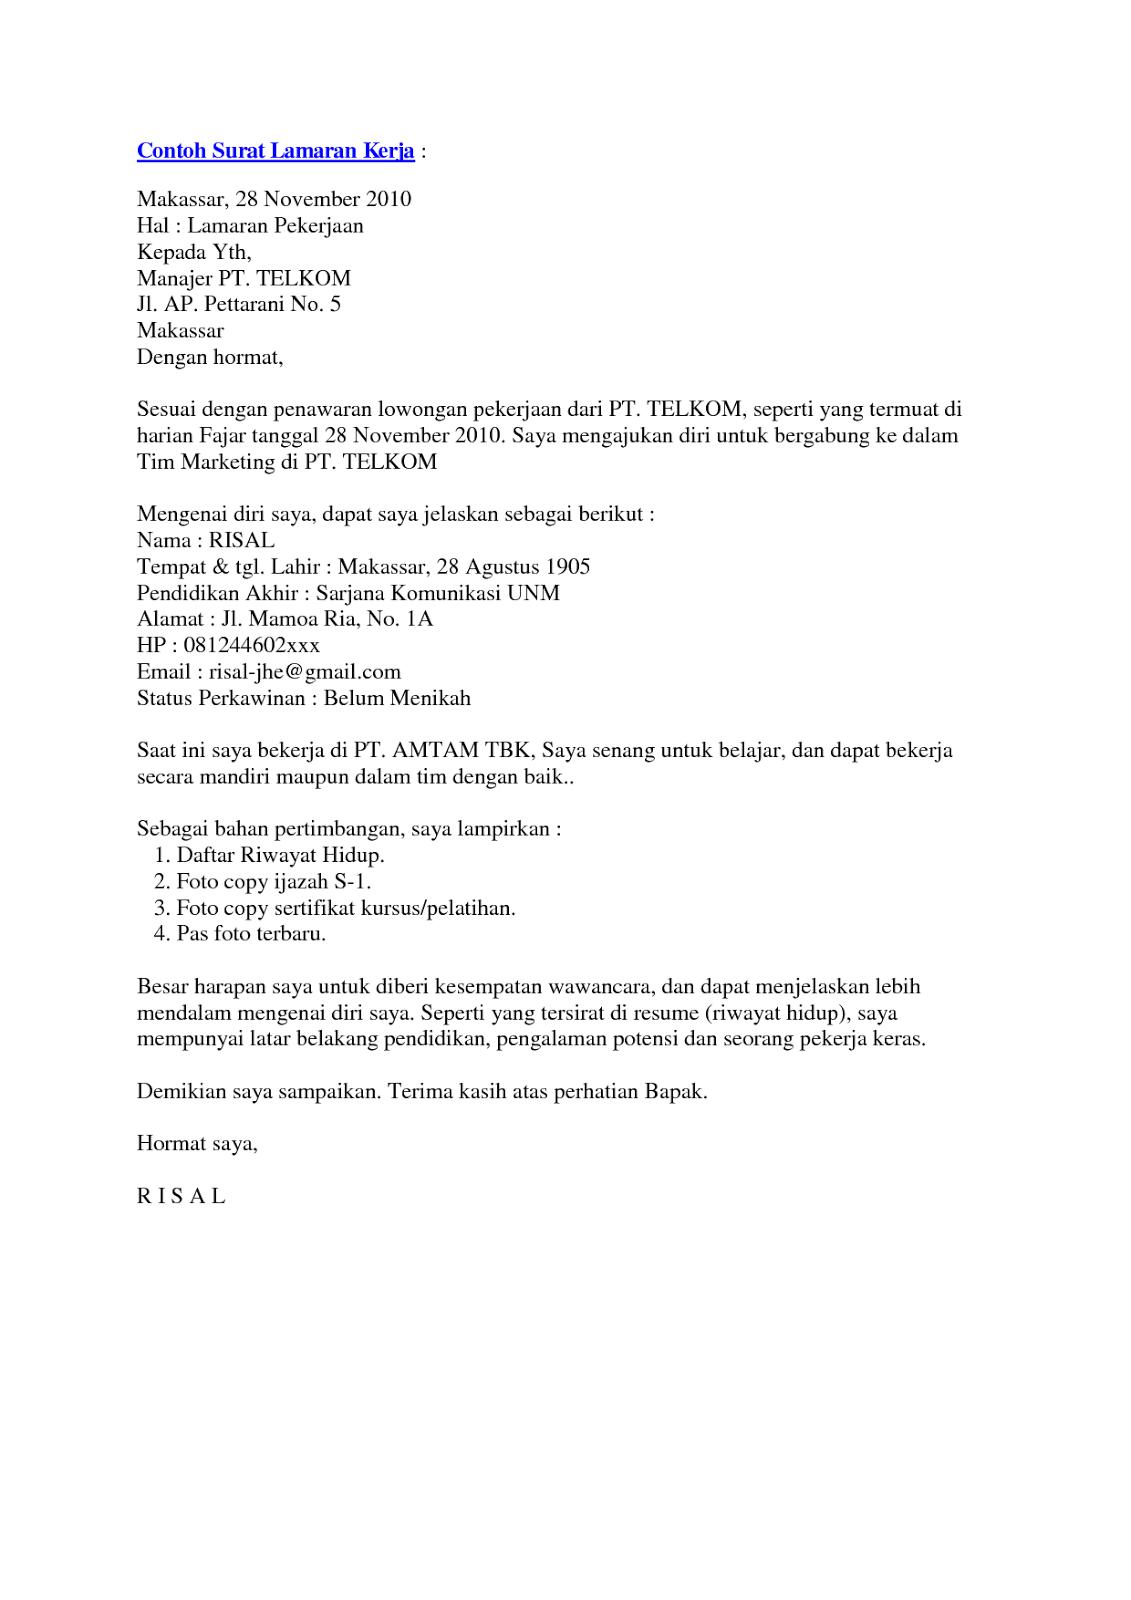 Format Cv Terbaru Pdf 9 Surat Lamaran Kerja Dan Daftar Riwayat